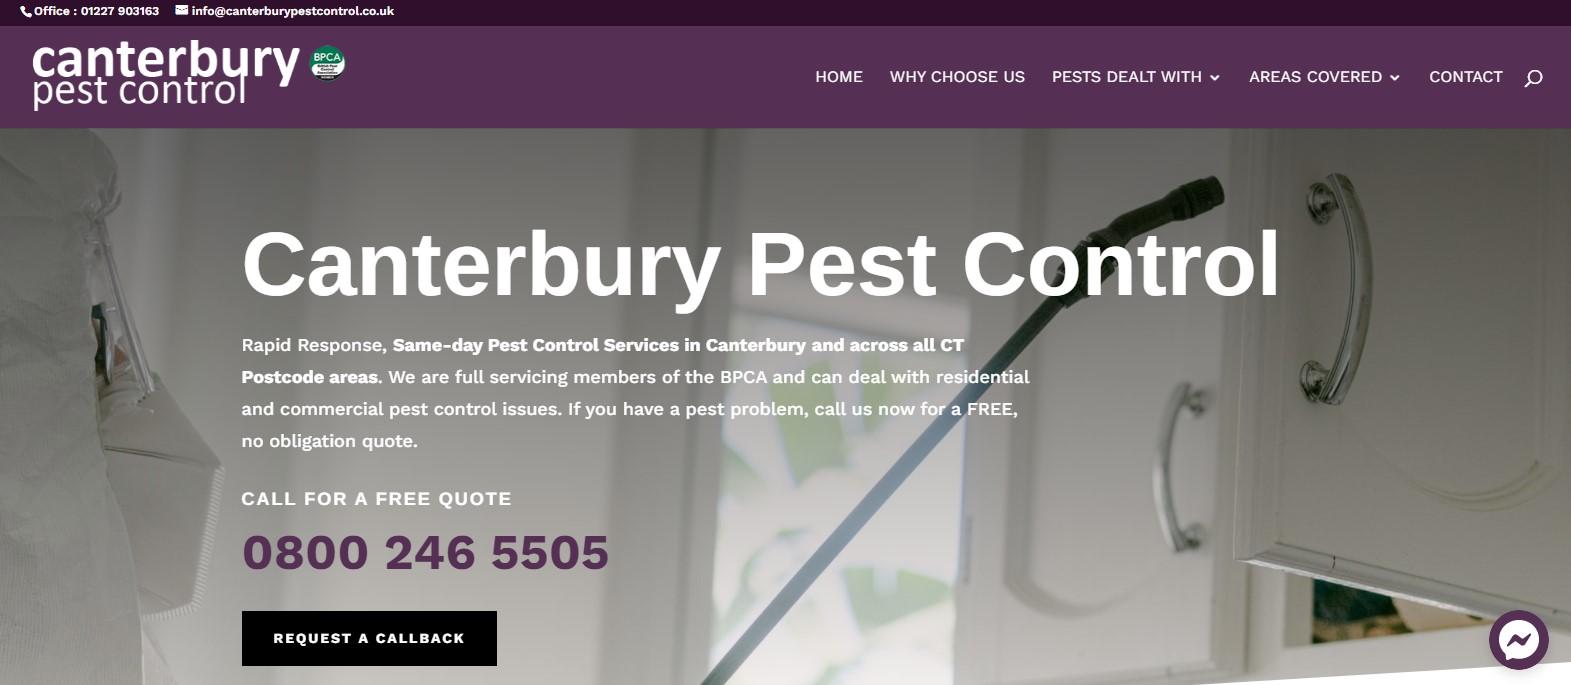 Canterbury Pest Control website